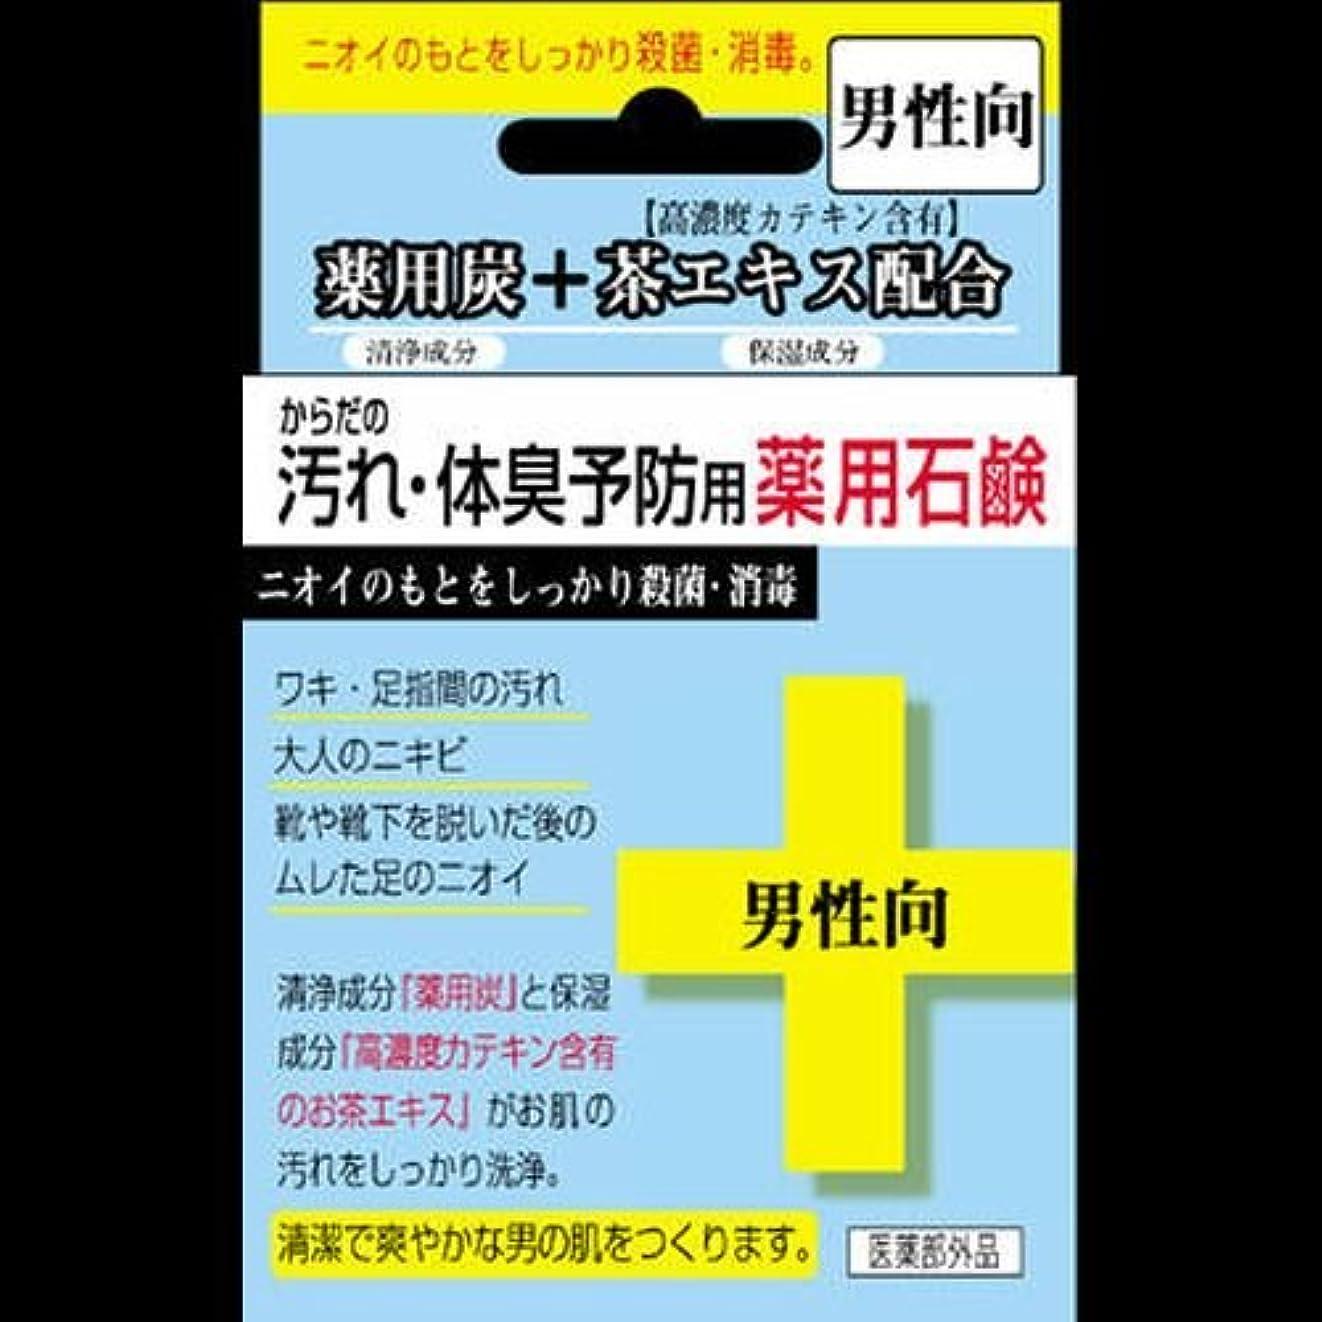 居住者酸化物スクラップ【まとめ買い】からだの汚れ?体臭予防薬用石鹸 男性向け 80g ×2セット